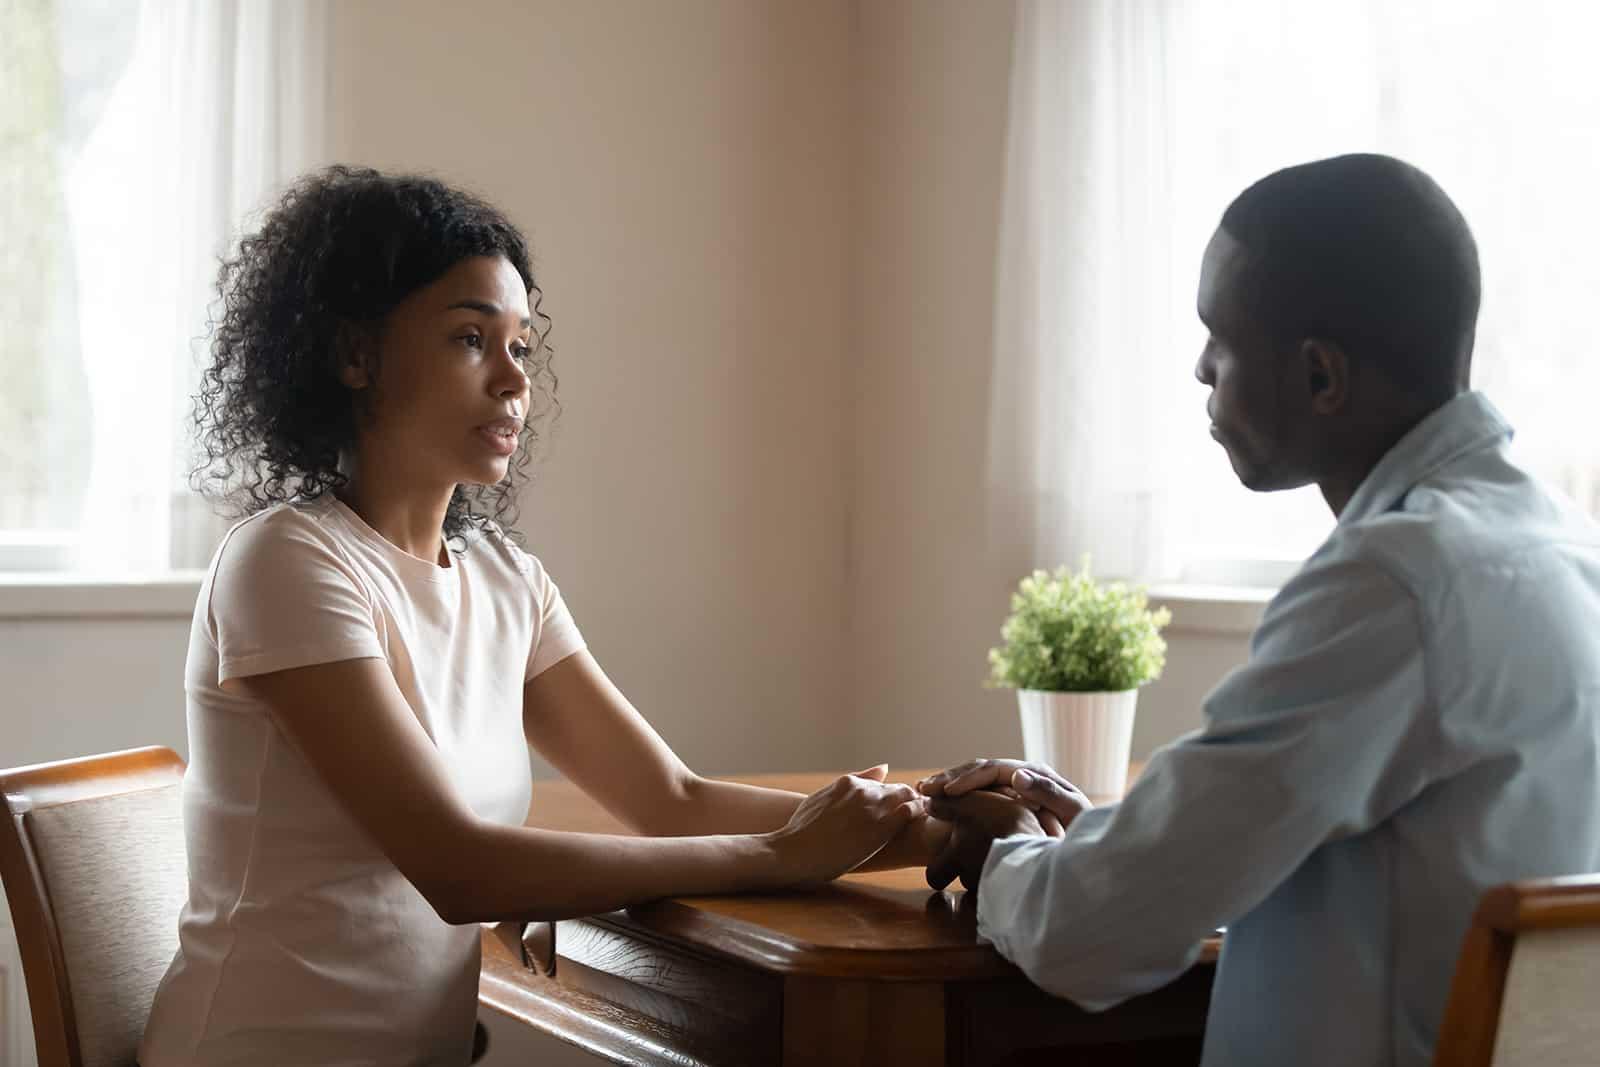 Ein Paar, das ein ehrliches Gespräch am Tisch führt